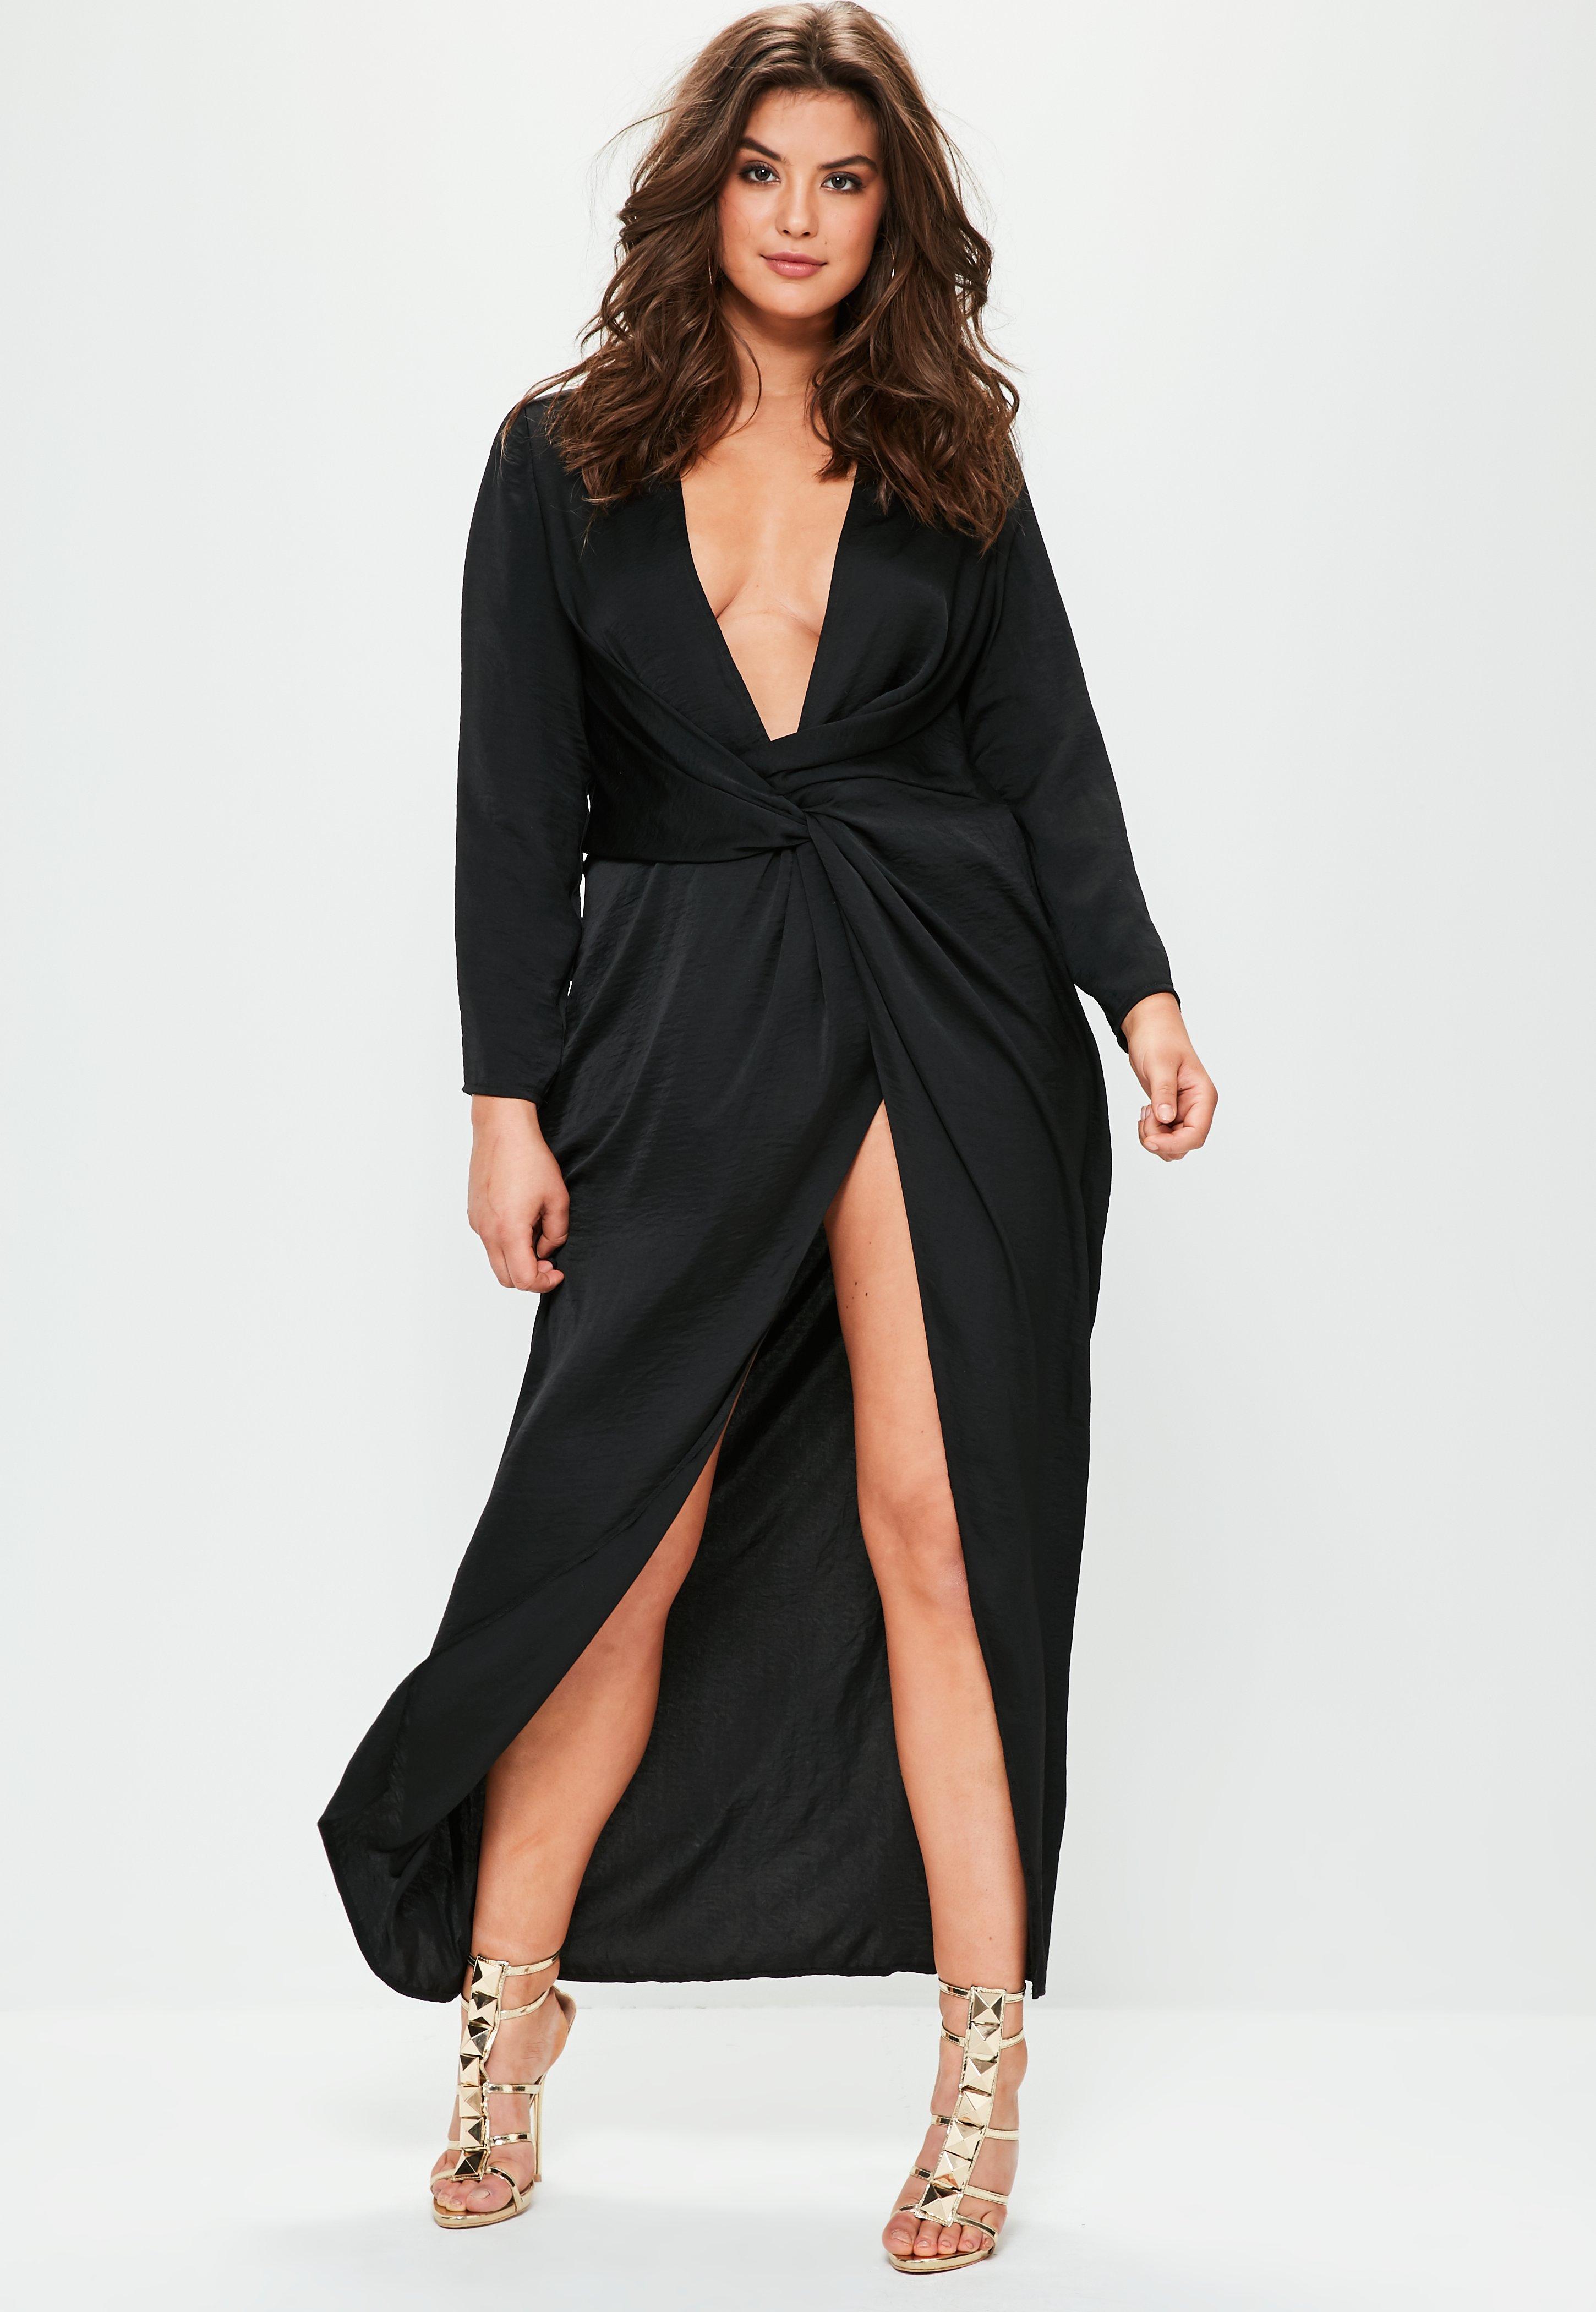 Plus-Size-Kleider - Maxi-, Party- & Abendkleider - Missguided DE